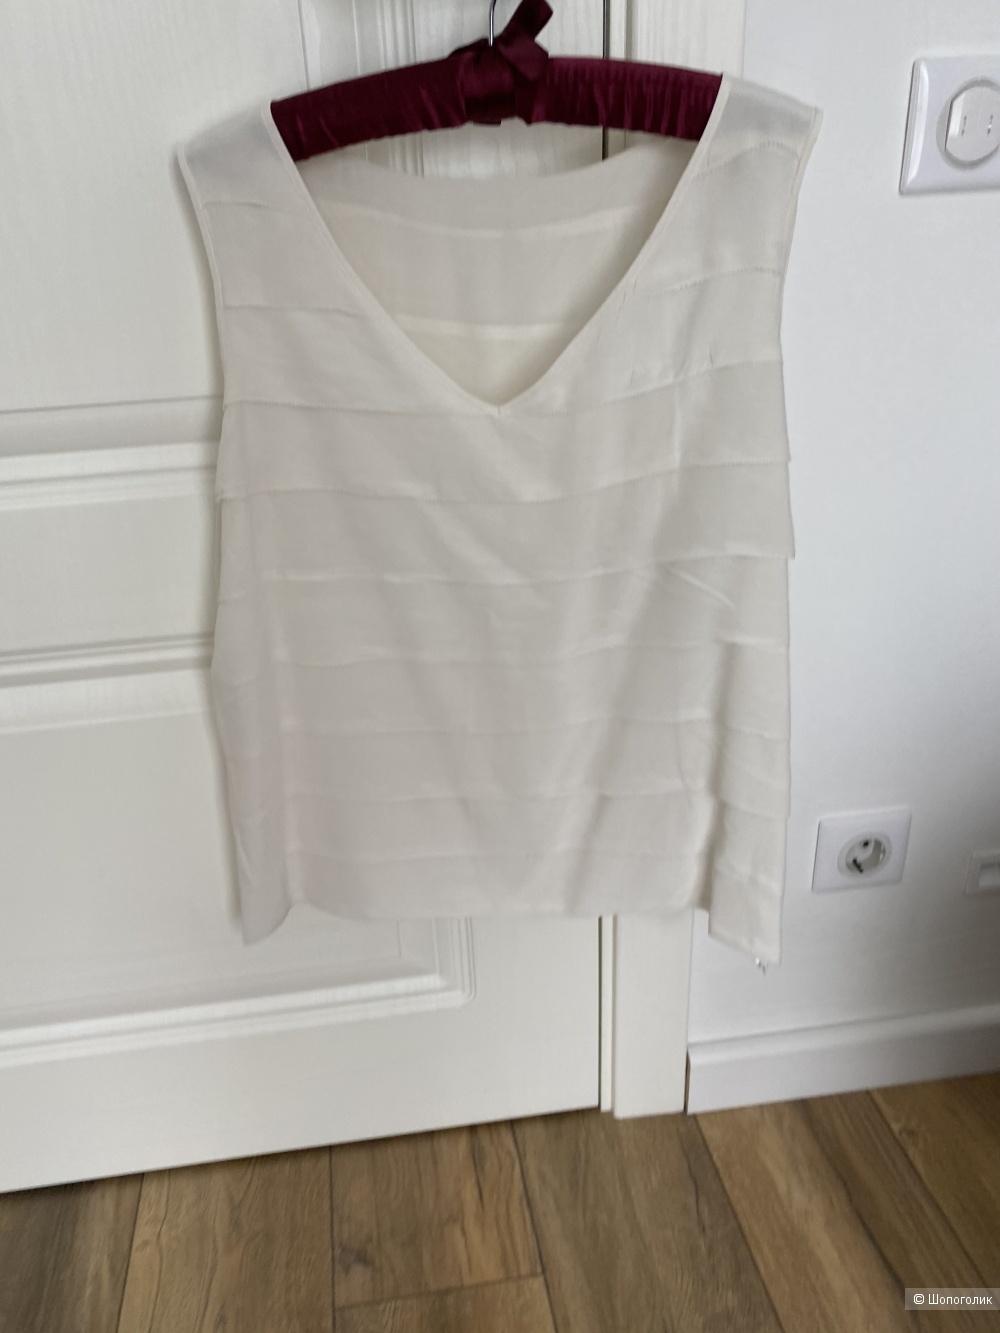 Шелковая блузка-топ Испания 50-52